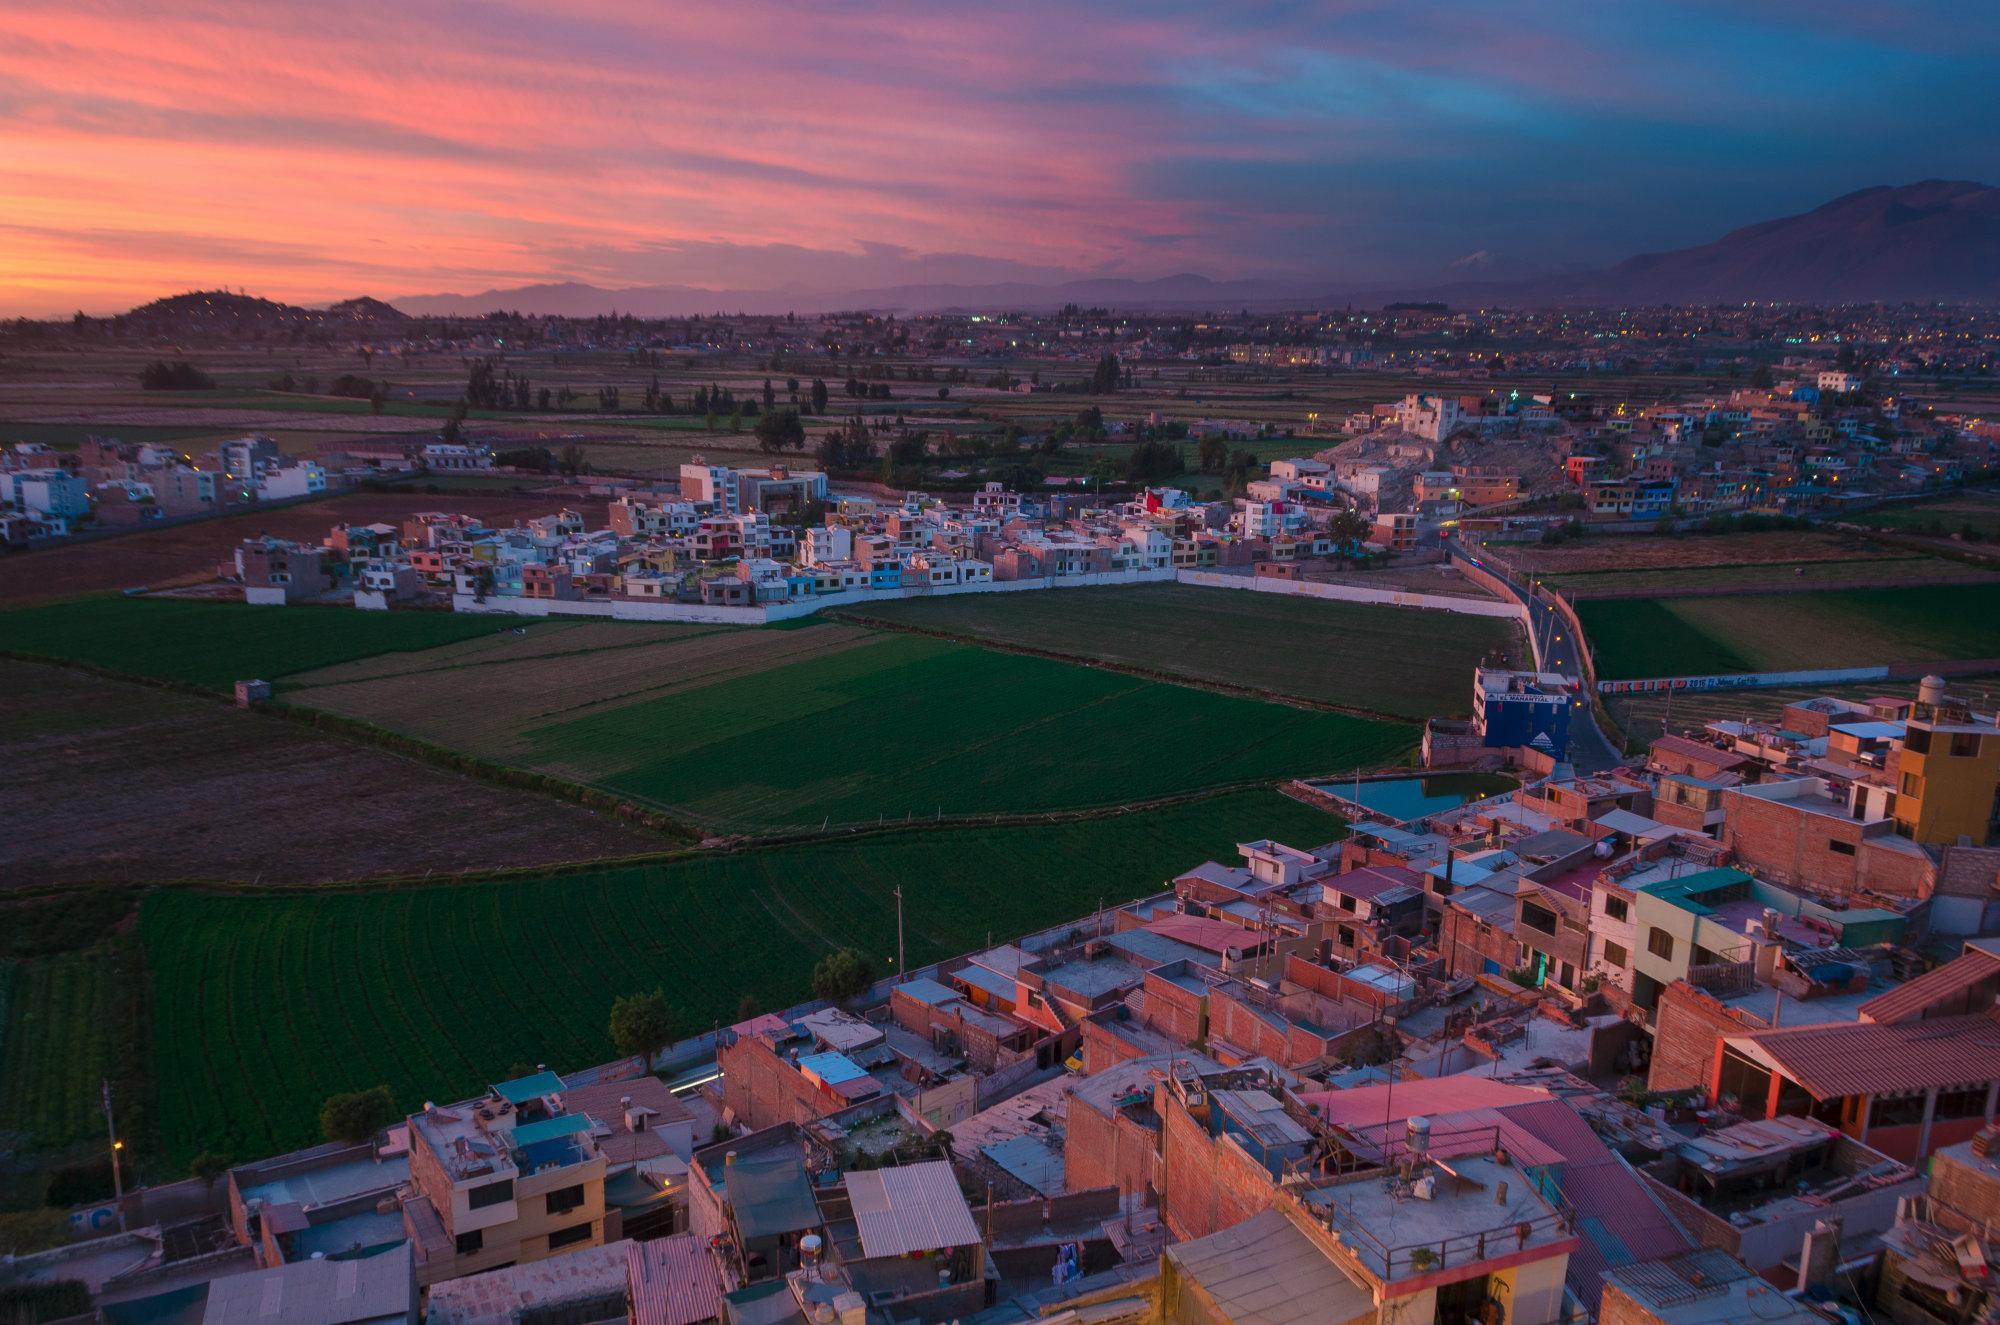 El área metropolitana tiene como cabeza a la ciudad y está formada por 19 distritos que se extienden sobre una superficie de 3 mil kilómetros cuadrados de los cuales 101 kilómetros cuadrados son netamente urbanos.